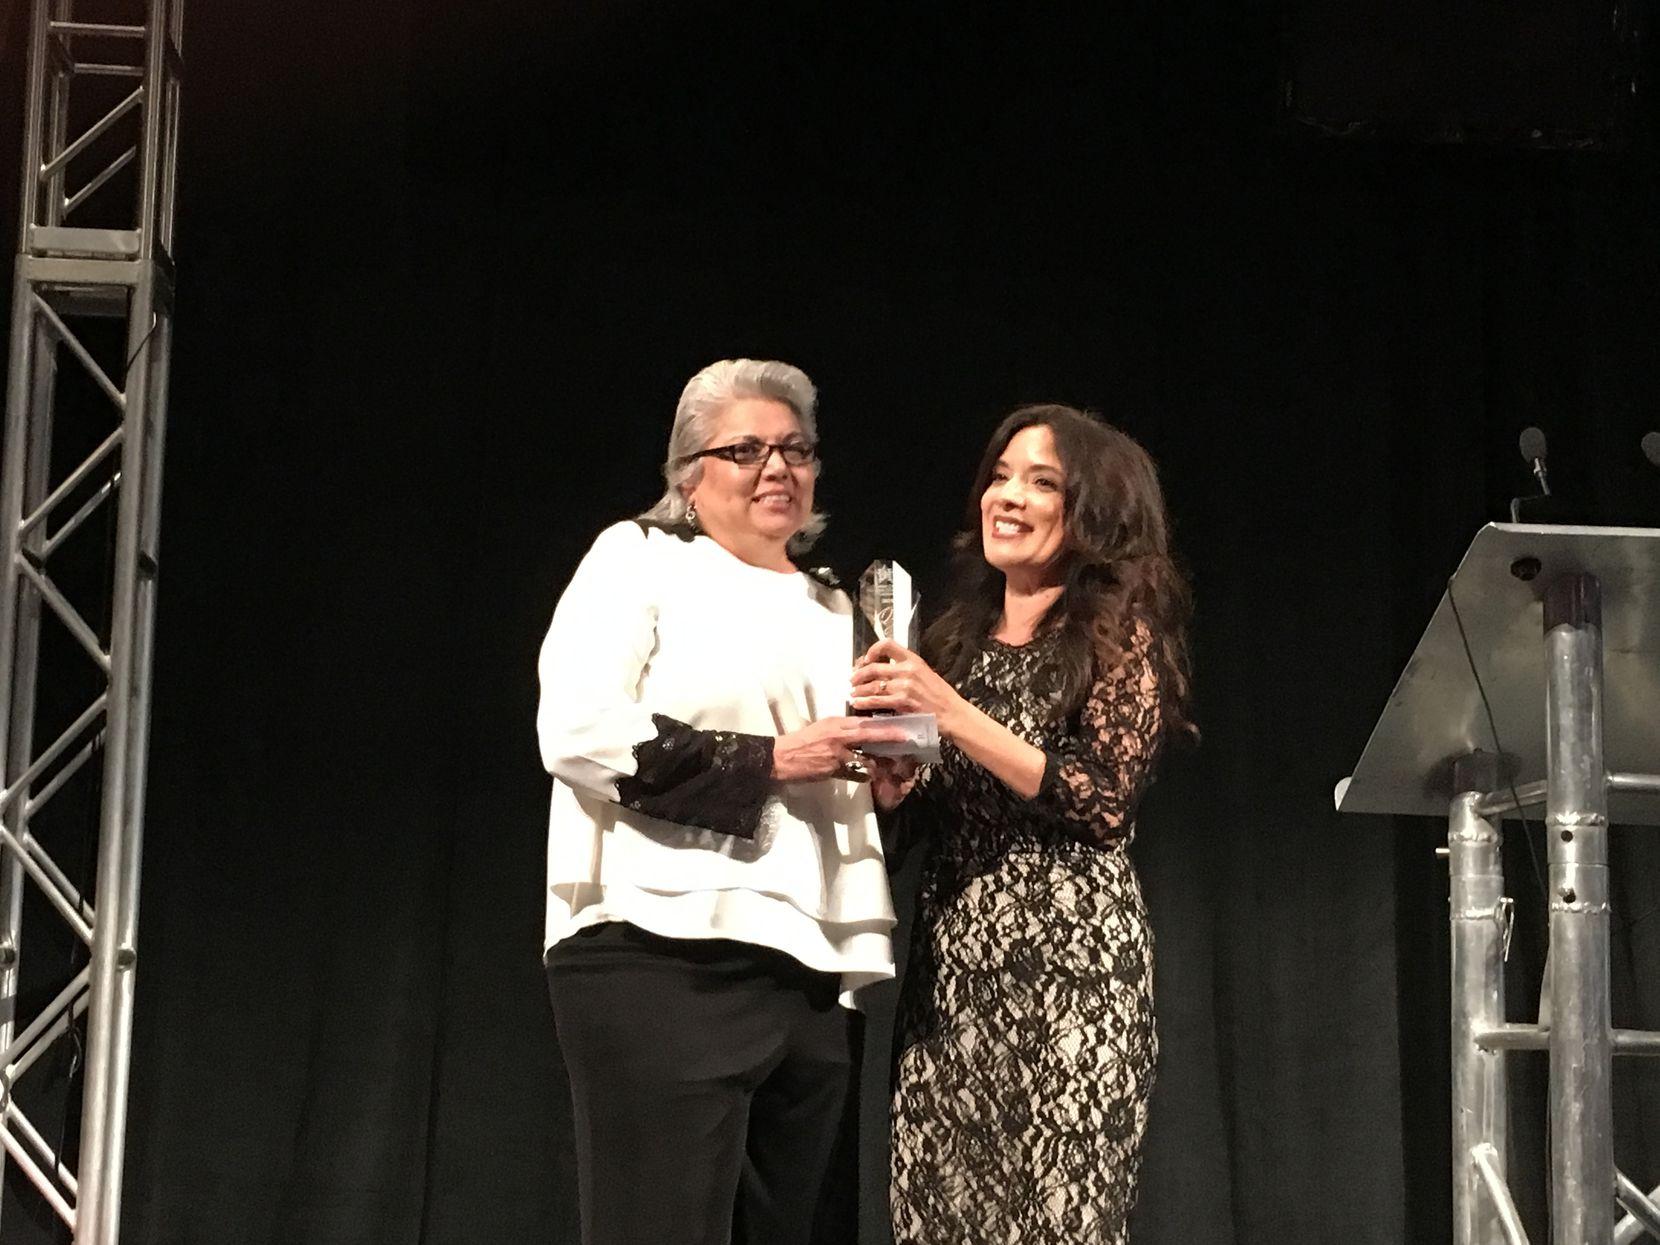 Tommi Lyle (izq.), del Distrito Escolar de Dallas, recibió el Chairwoman's Award por parte de Wanda Granier. (KARINA RAMÍREZ/AL DÍA)